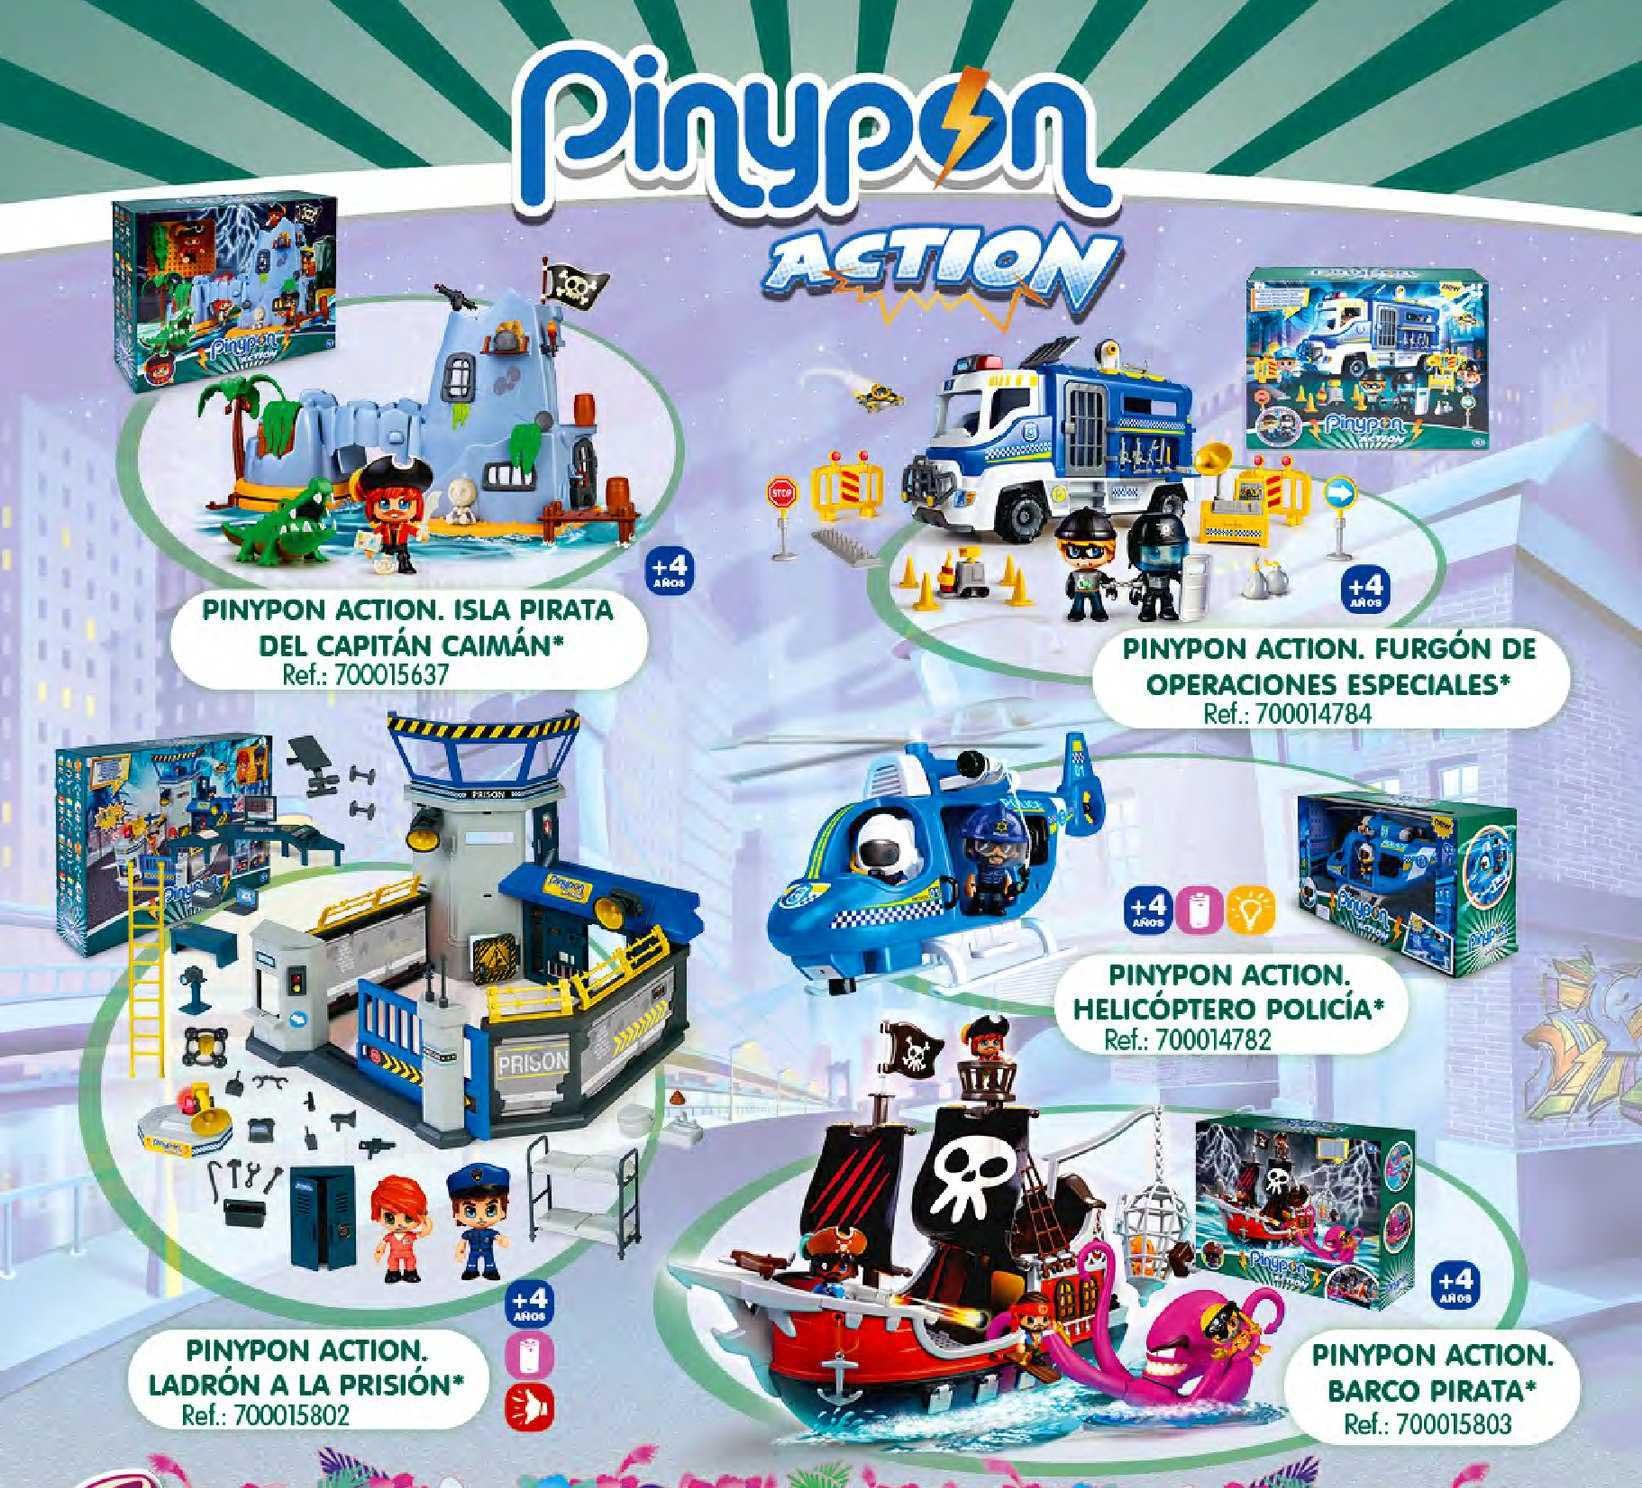 Juguetilandia Pinypon Action: Isla Pirata Del Capitán Caimán, Furgón De Operaciones Especiales, Helicóptero Policía, Barco Pirata, Ladrón A La Prisión